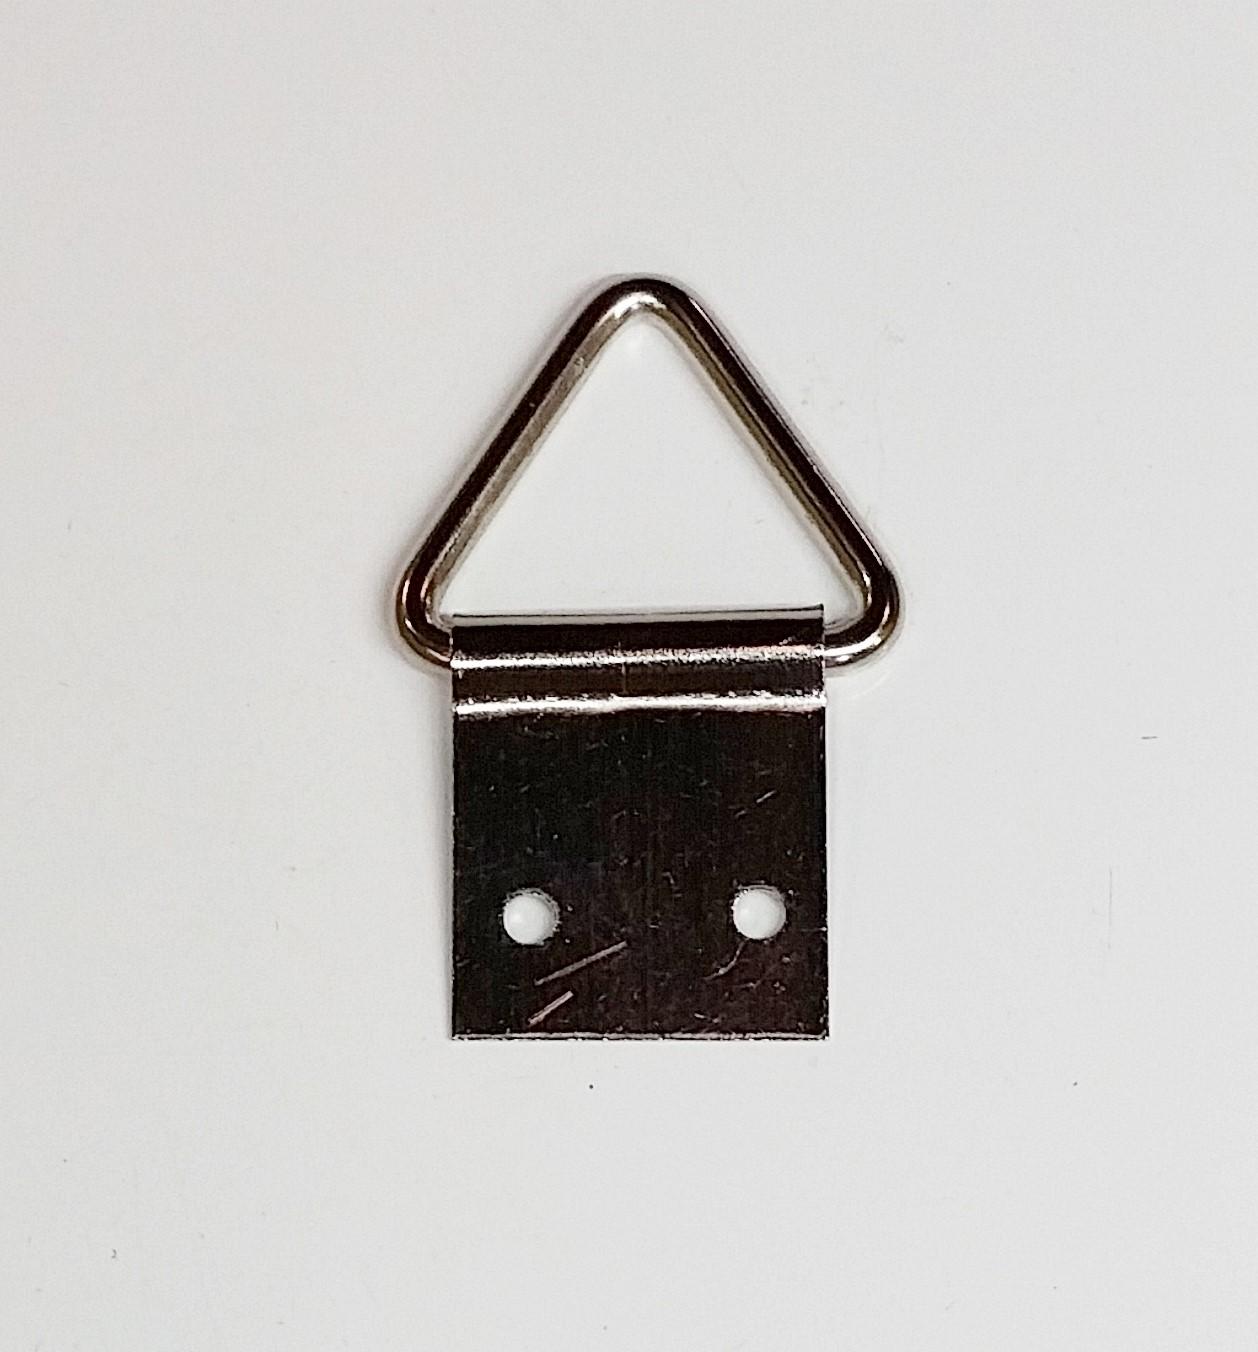 Suporte p/ Quadros Triângulo 18mm x 41mm Niquelado